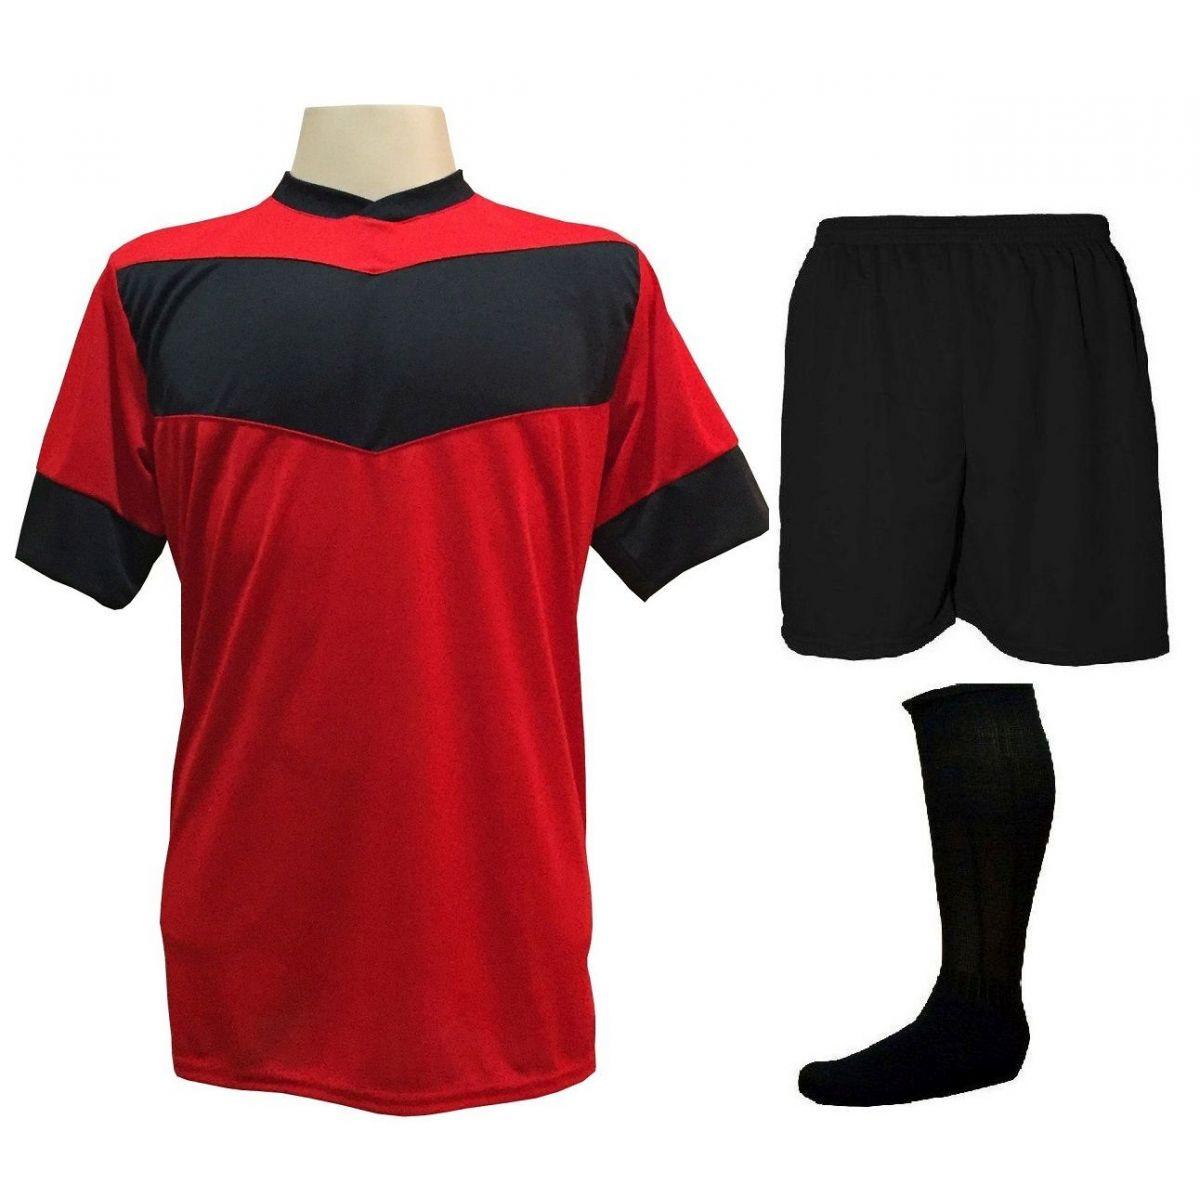 Fardamento Completo Modelo Columbus 18+1 (18 Camisas Vermelho/Preto + 18 Calções Madrid Preto + 18 Pares de Meiões Pretos + 1 Conjunto de Goleiro) + Brindes